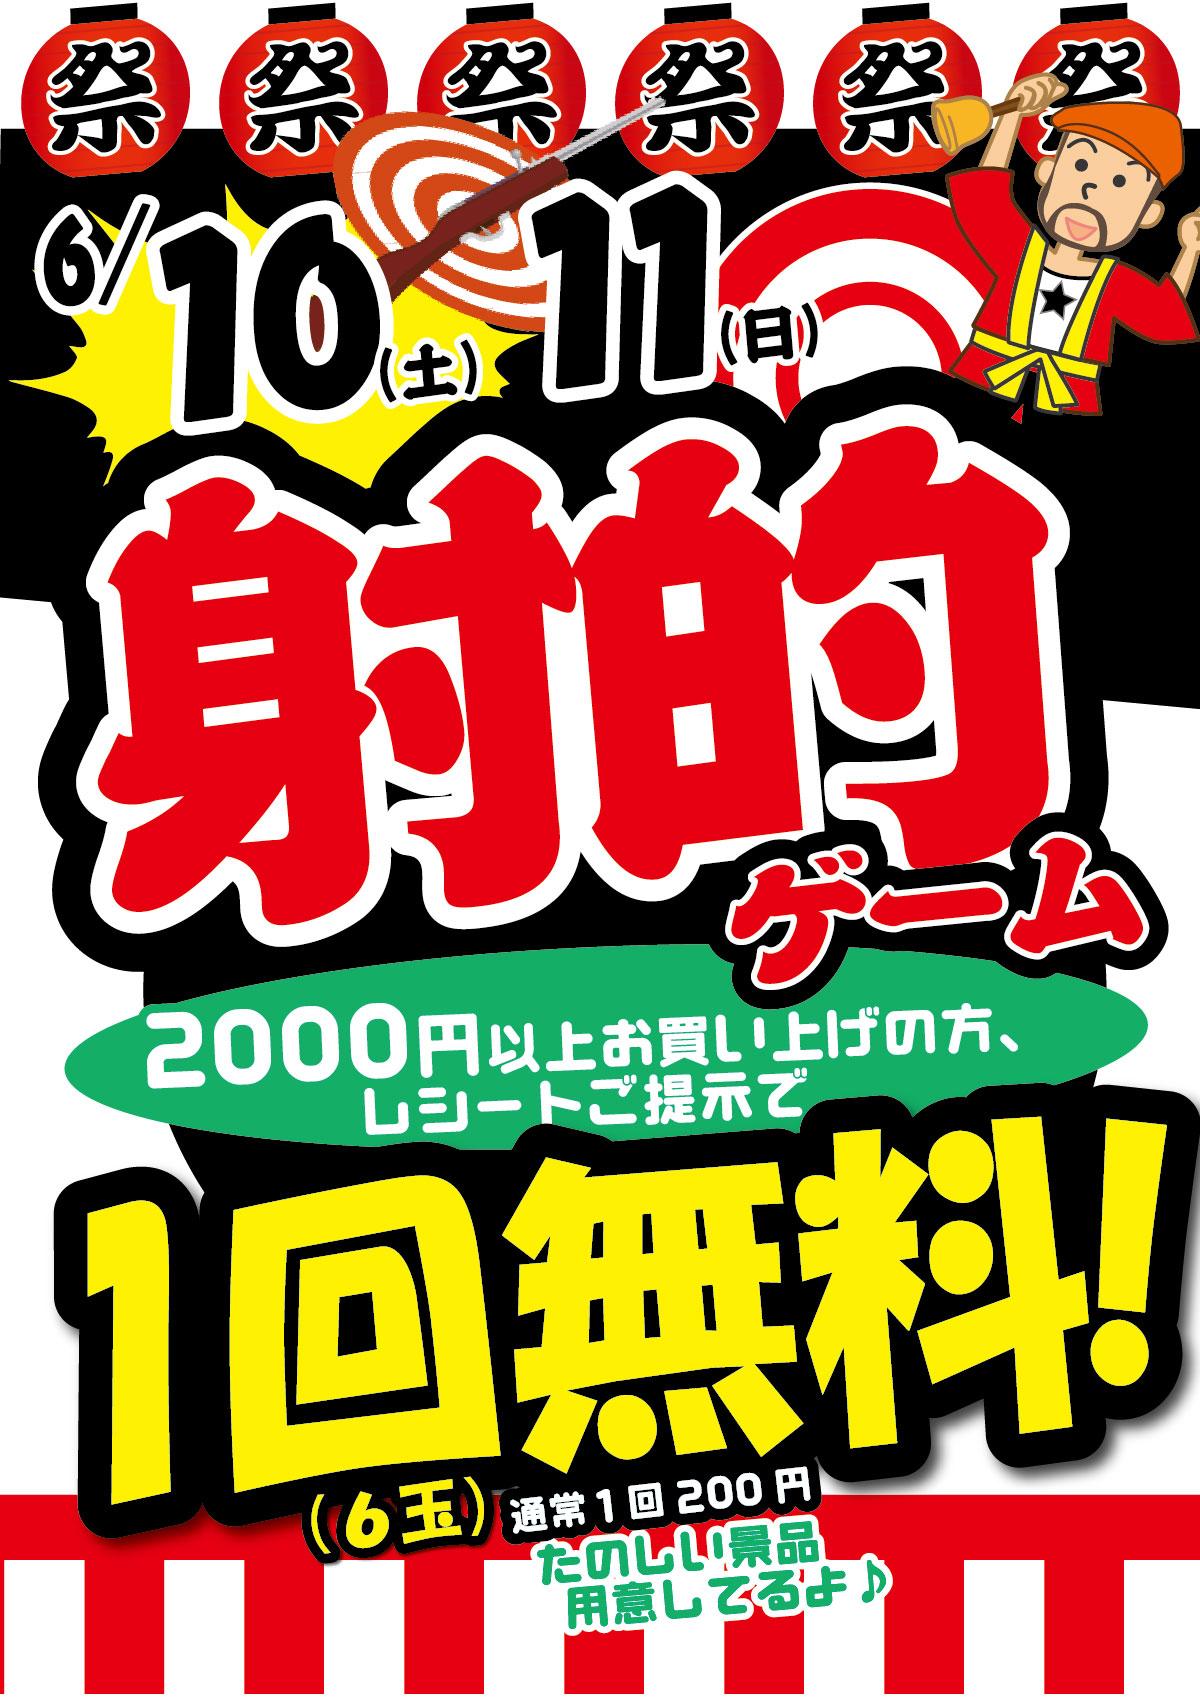 「開放倉庫米子店」2017年6月10、11日(土、日)射的ゲーム開催!2000円以上のお買上げの方、レシートご提示で1回無料(6玉)!たのしい景品用意してるよ♪